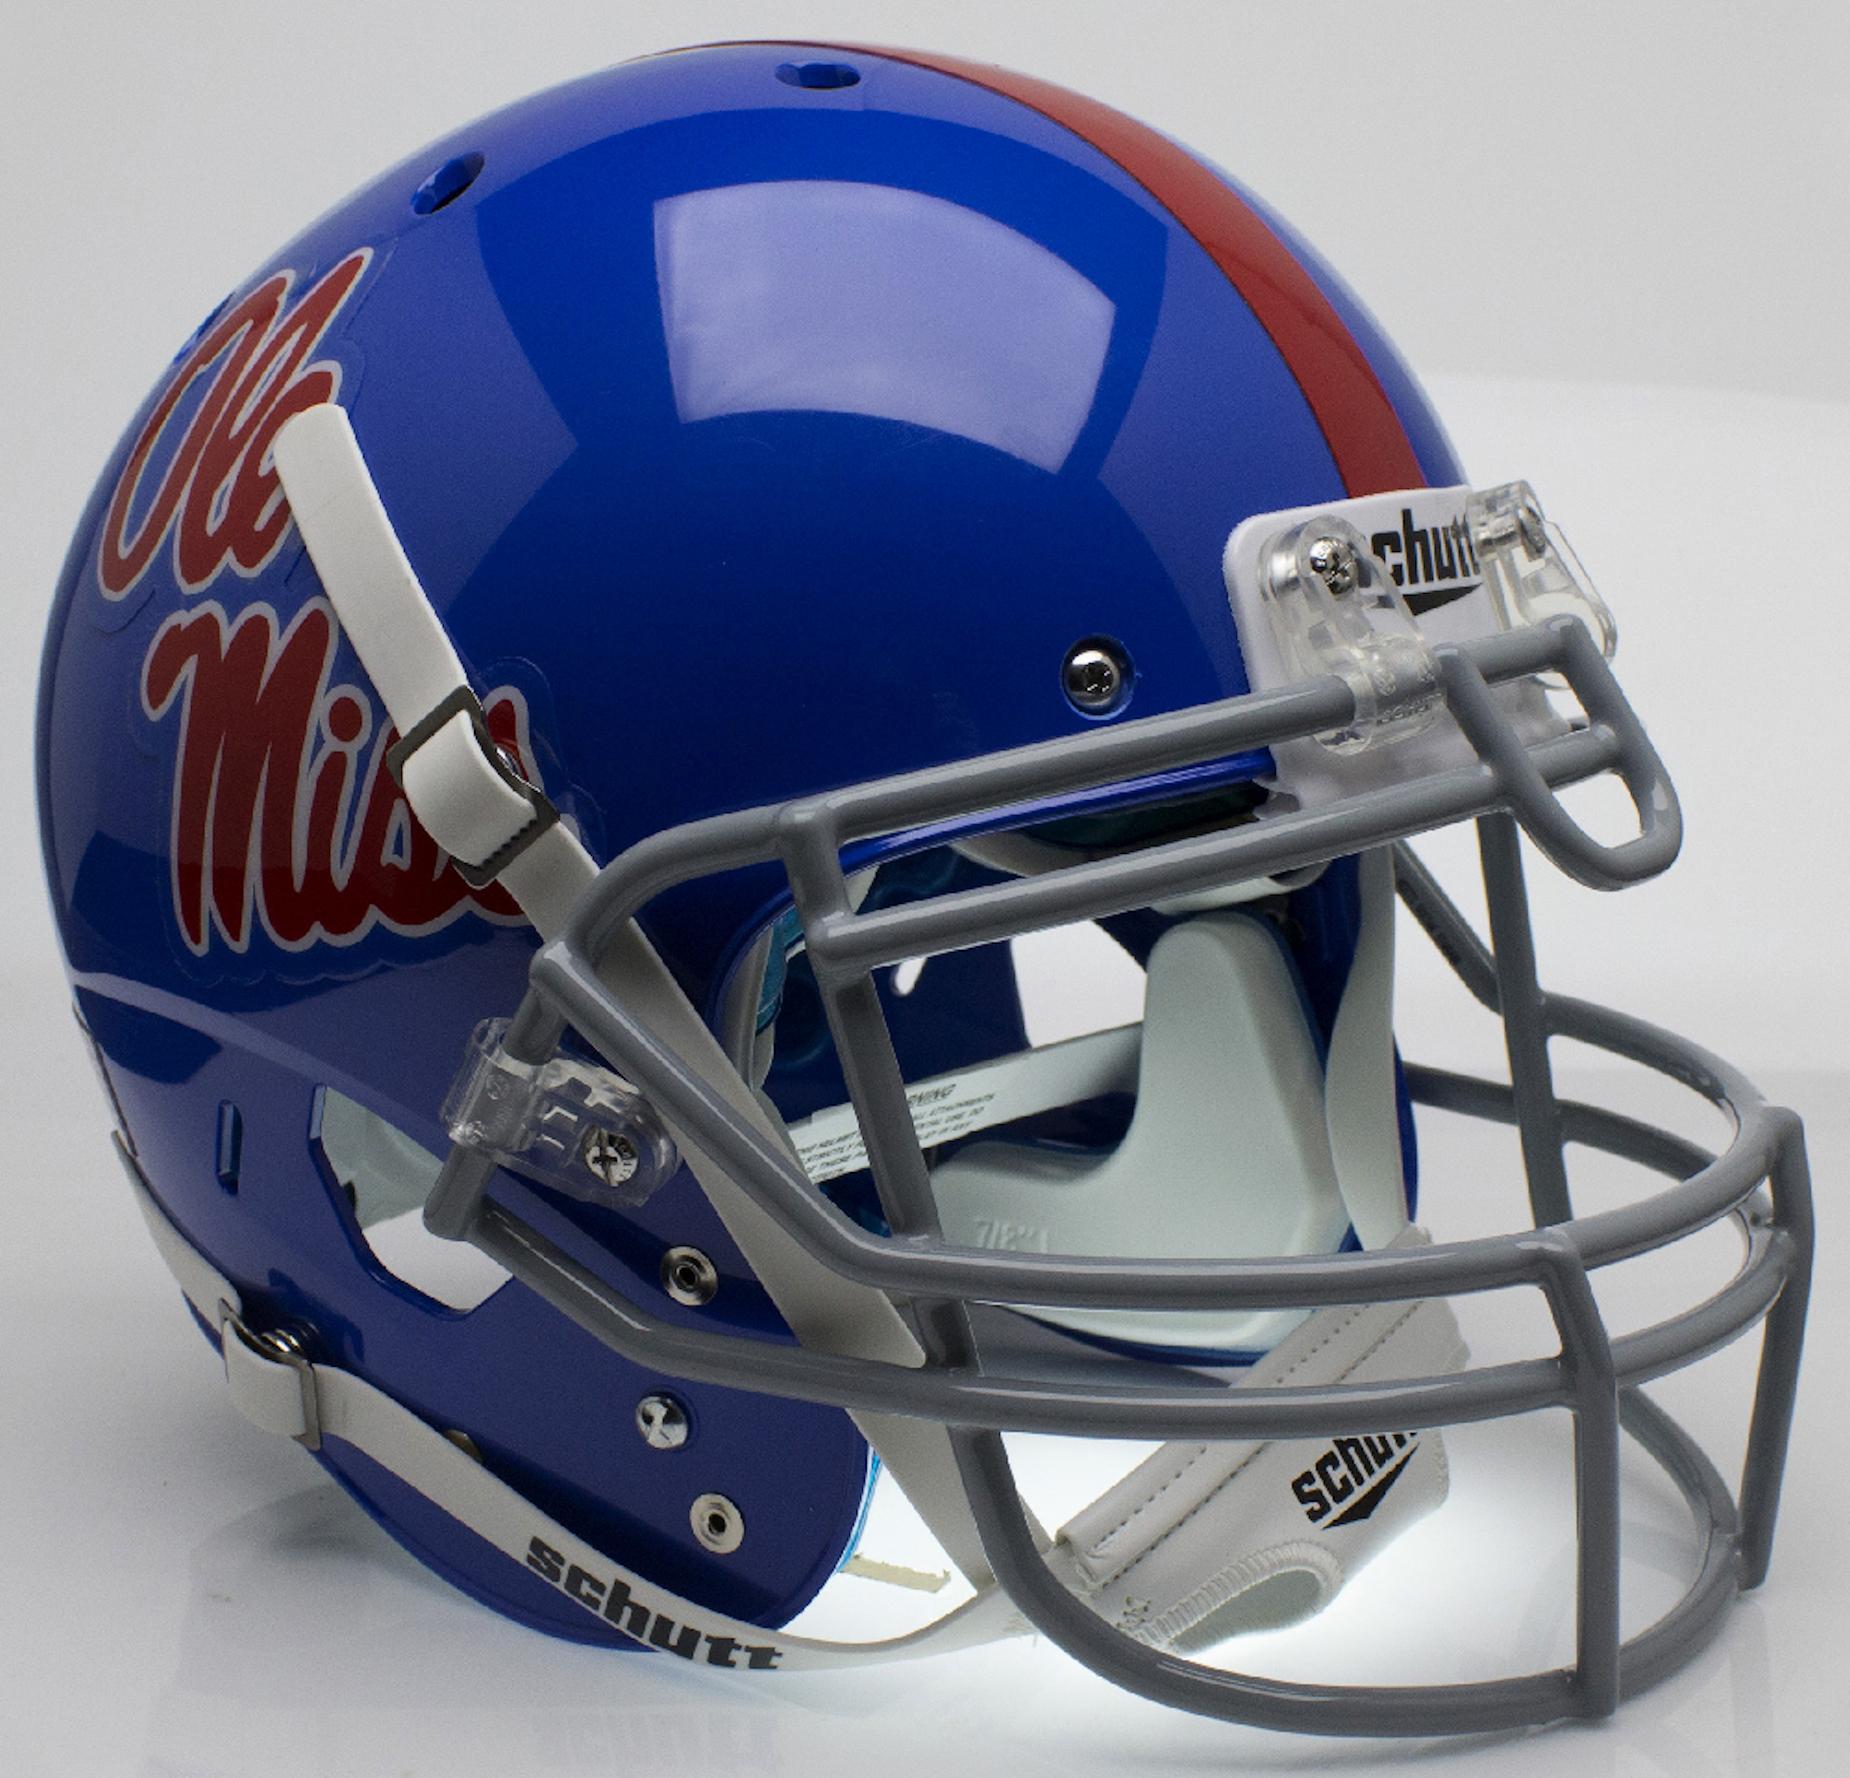 Mississippi (Ole Miss) Rebels Authentic College XP Football Helmet Schutt <B>Powder Blue</B>